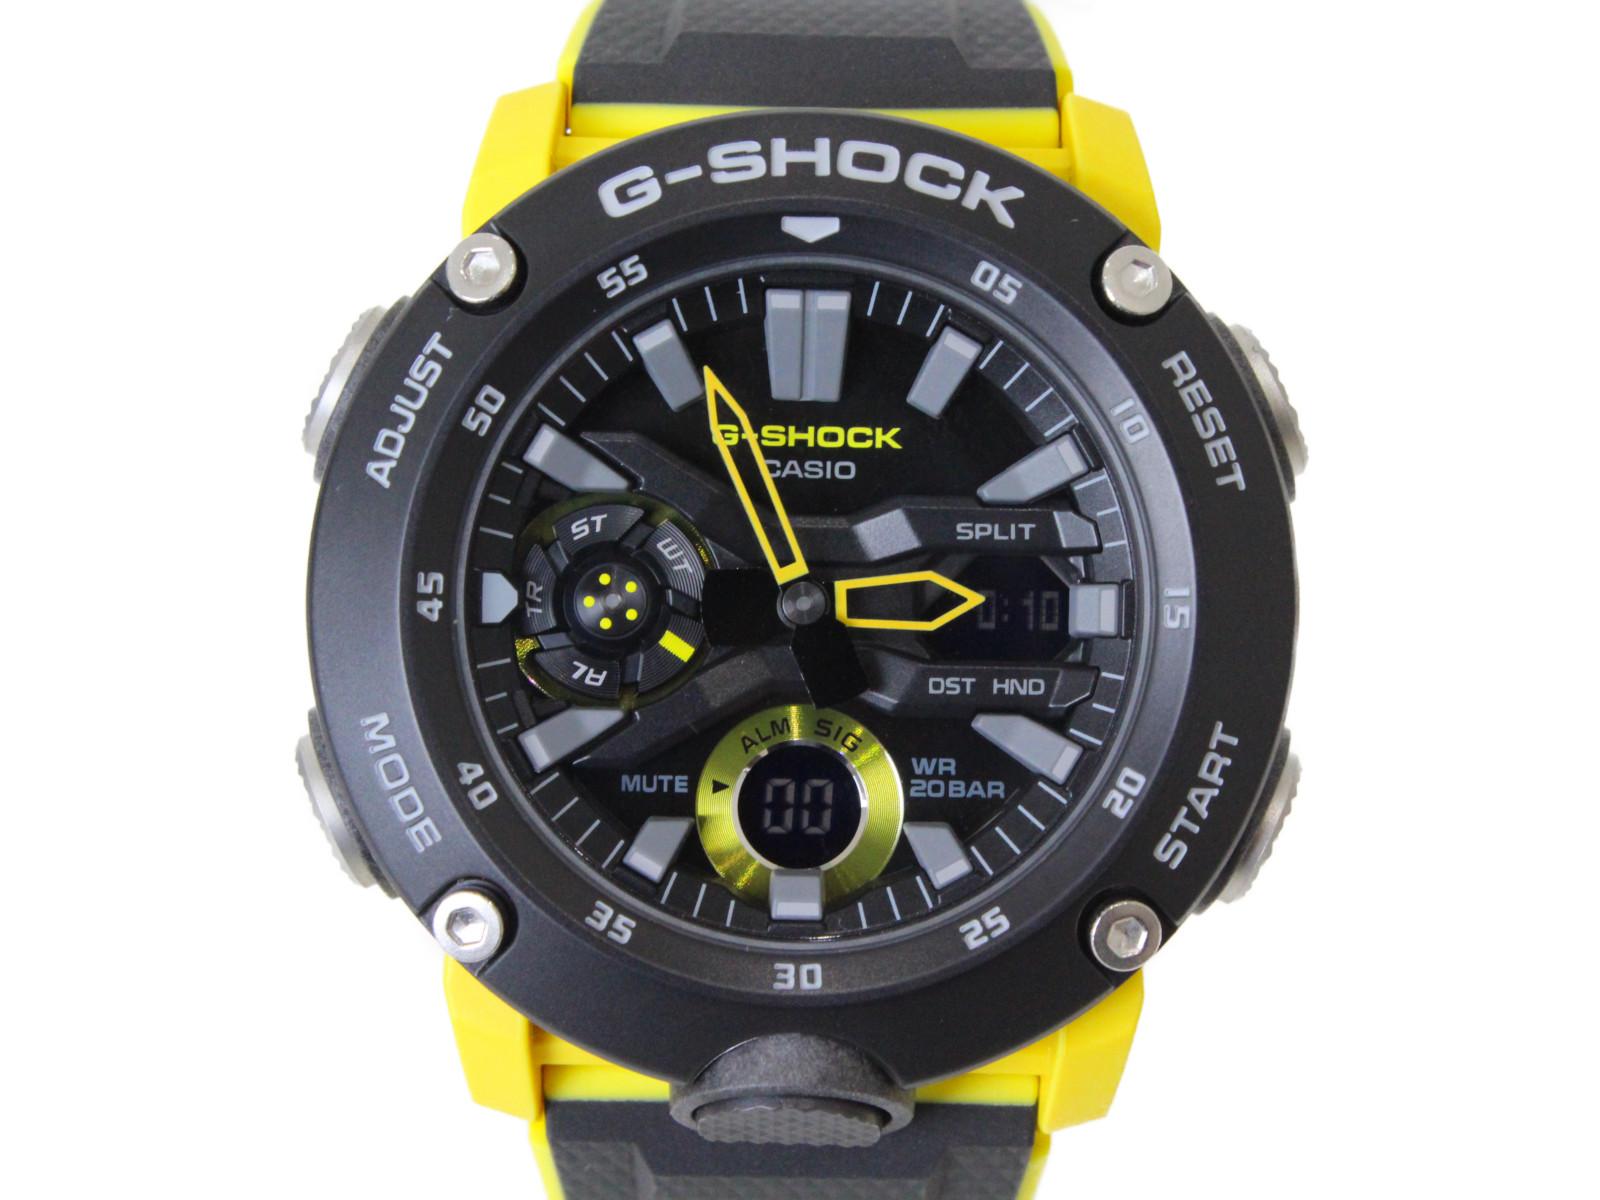 CASIO カシオ G-SHOCK ベーシック GA-2000-1A9JF クオーツ アナログ デジタル ラバー ブラック イエロー メンズ 腕時計【中古】